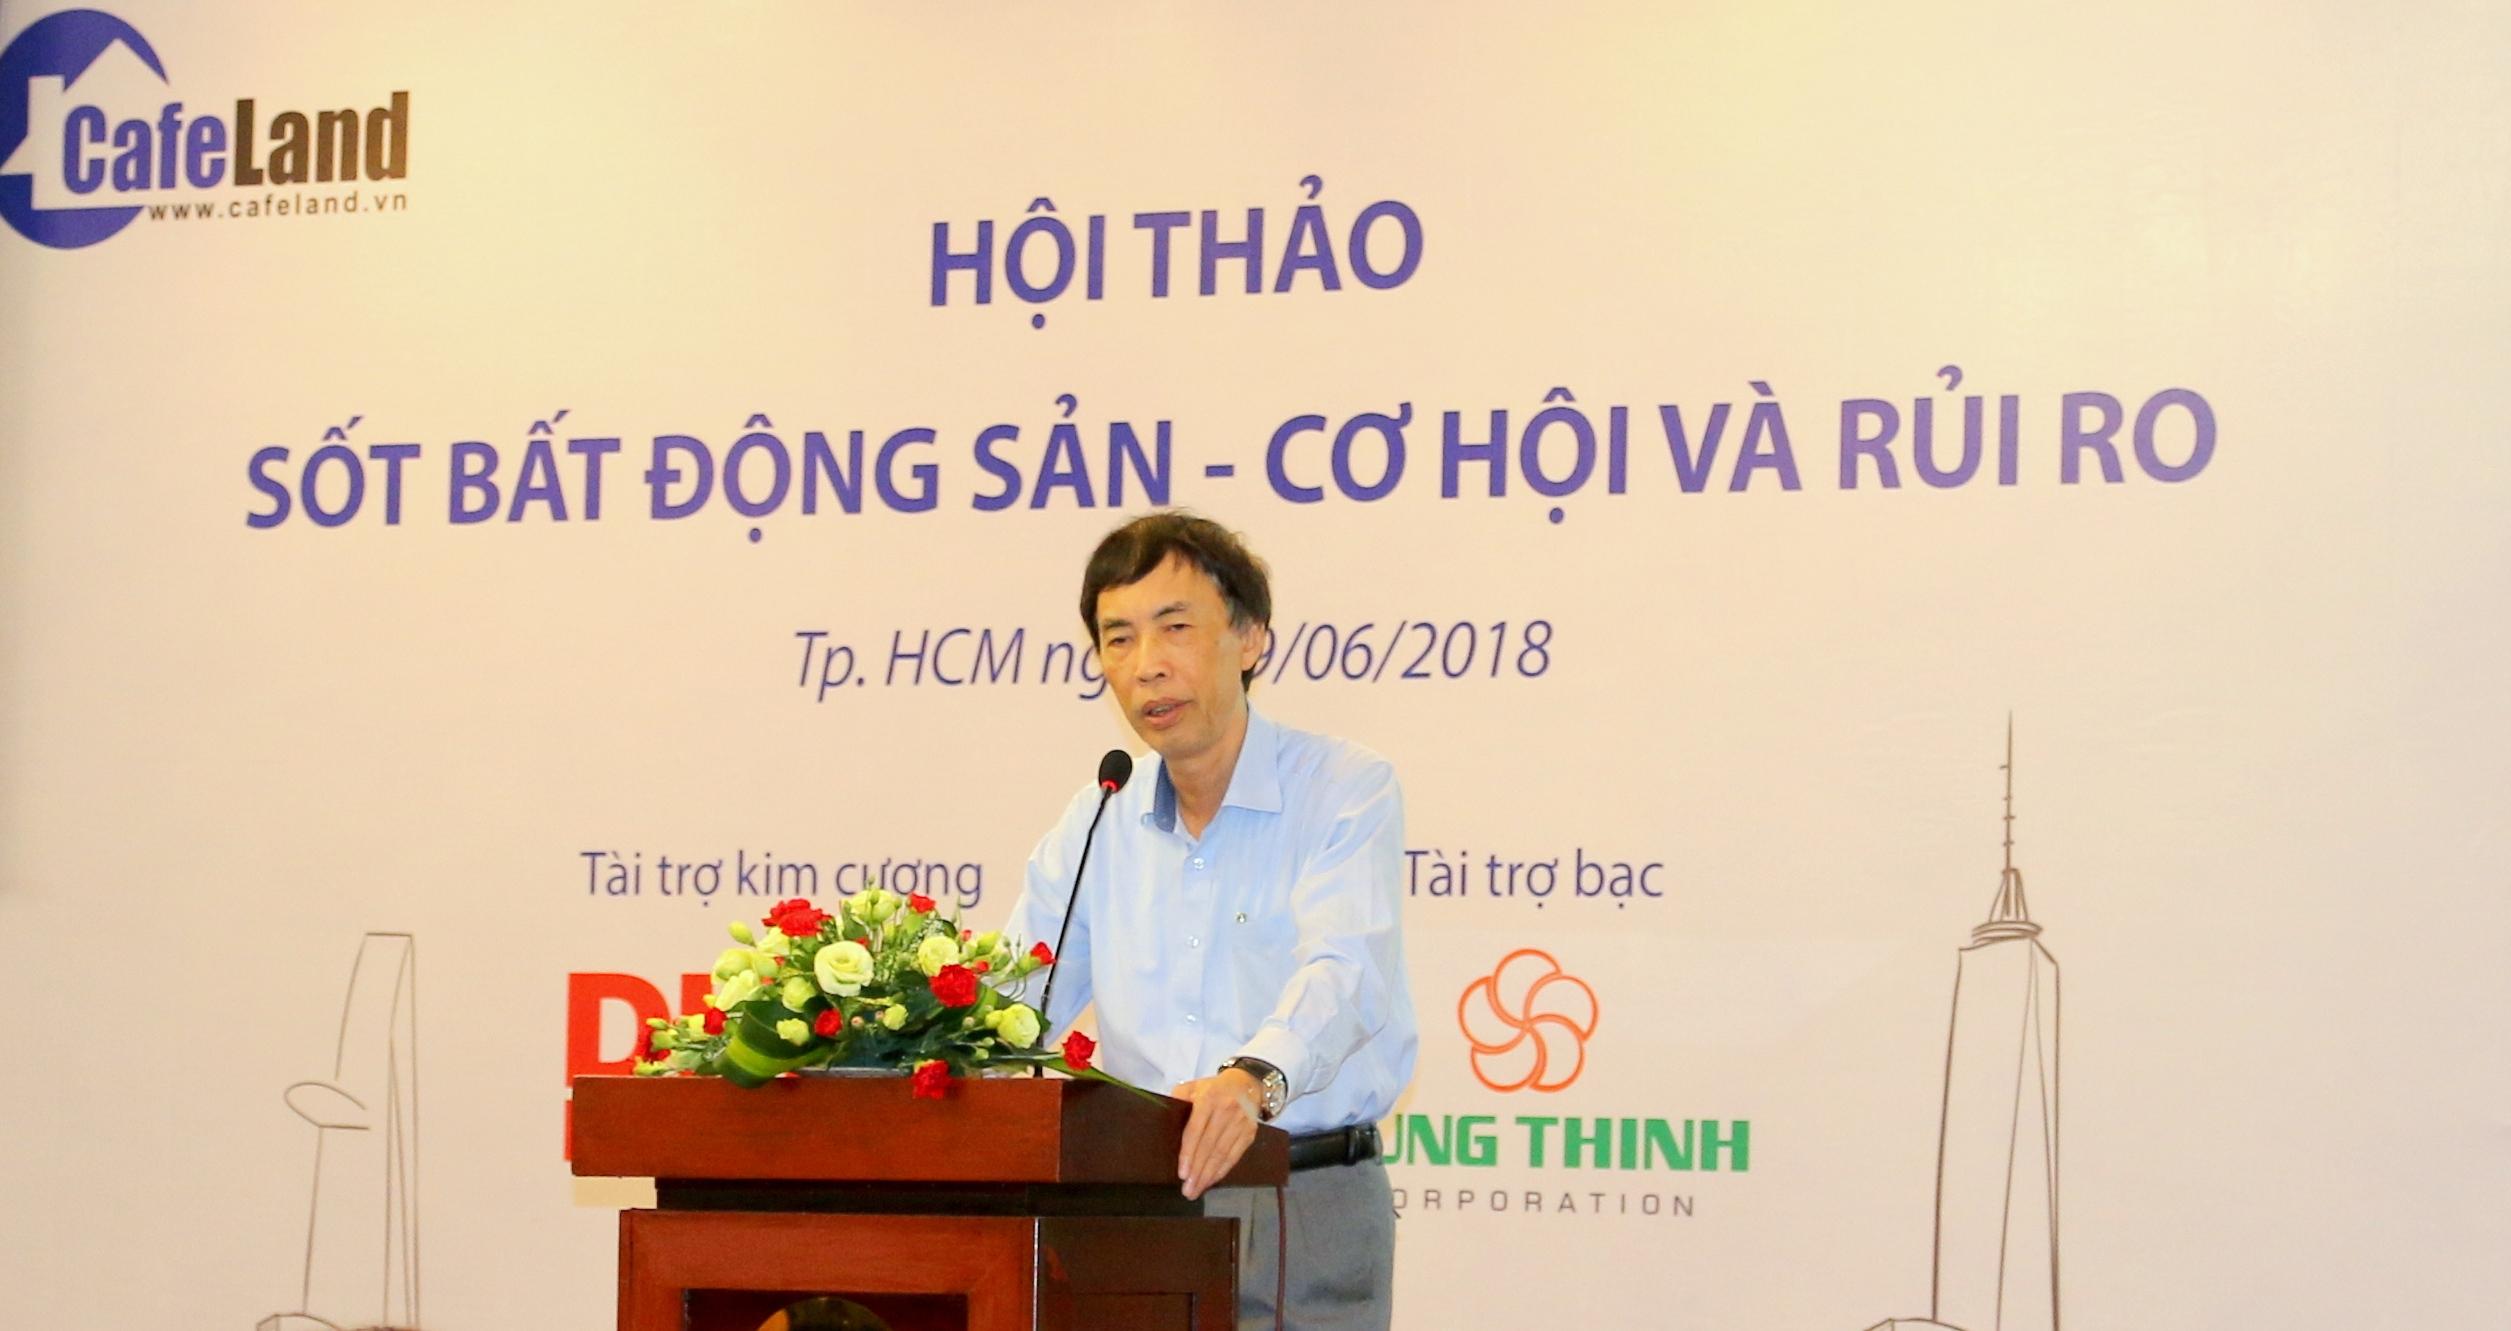 Tiến sĩ Võ Trí Thành: Đừng quá hốt hoảng với bong bóng bất động sản